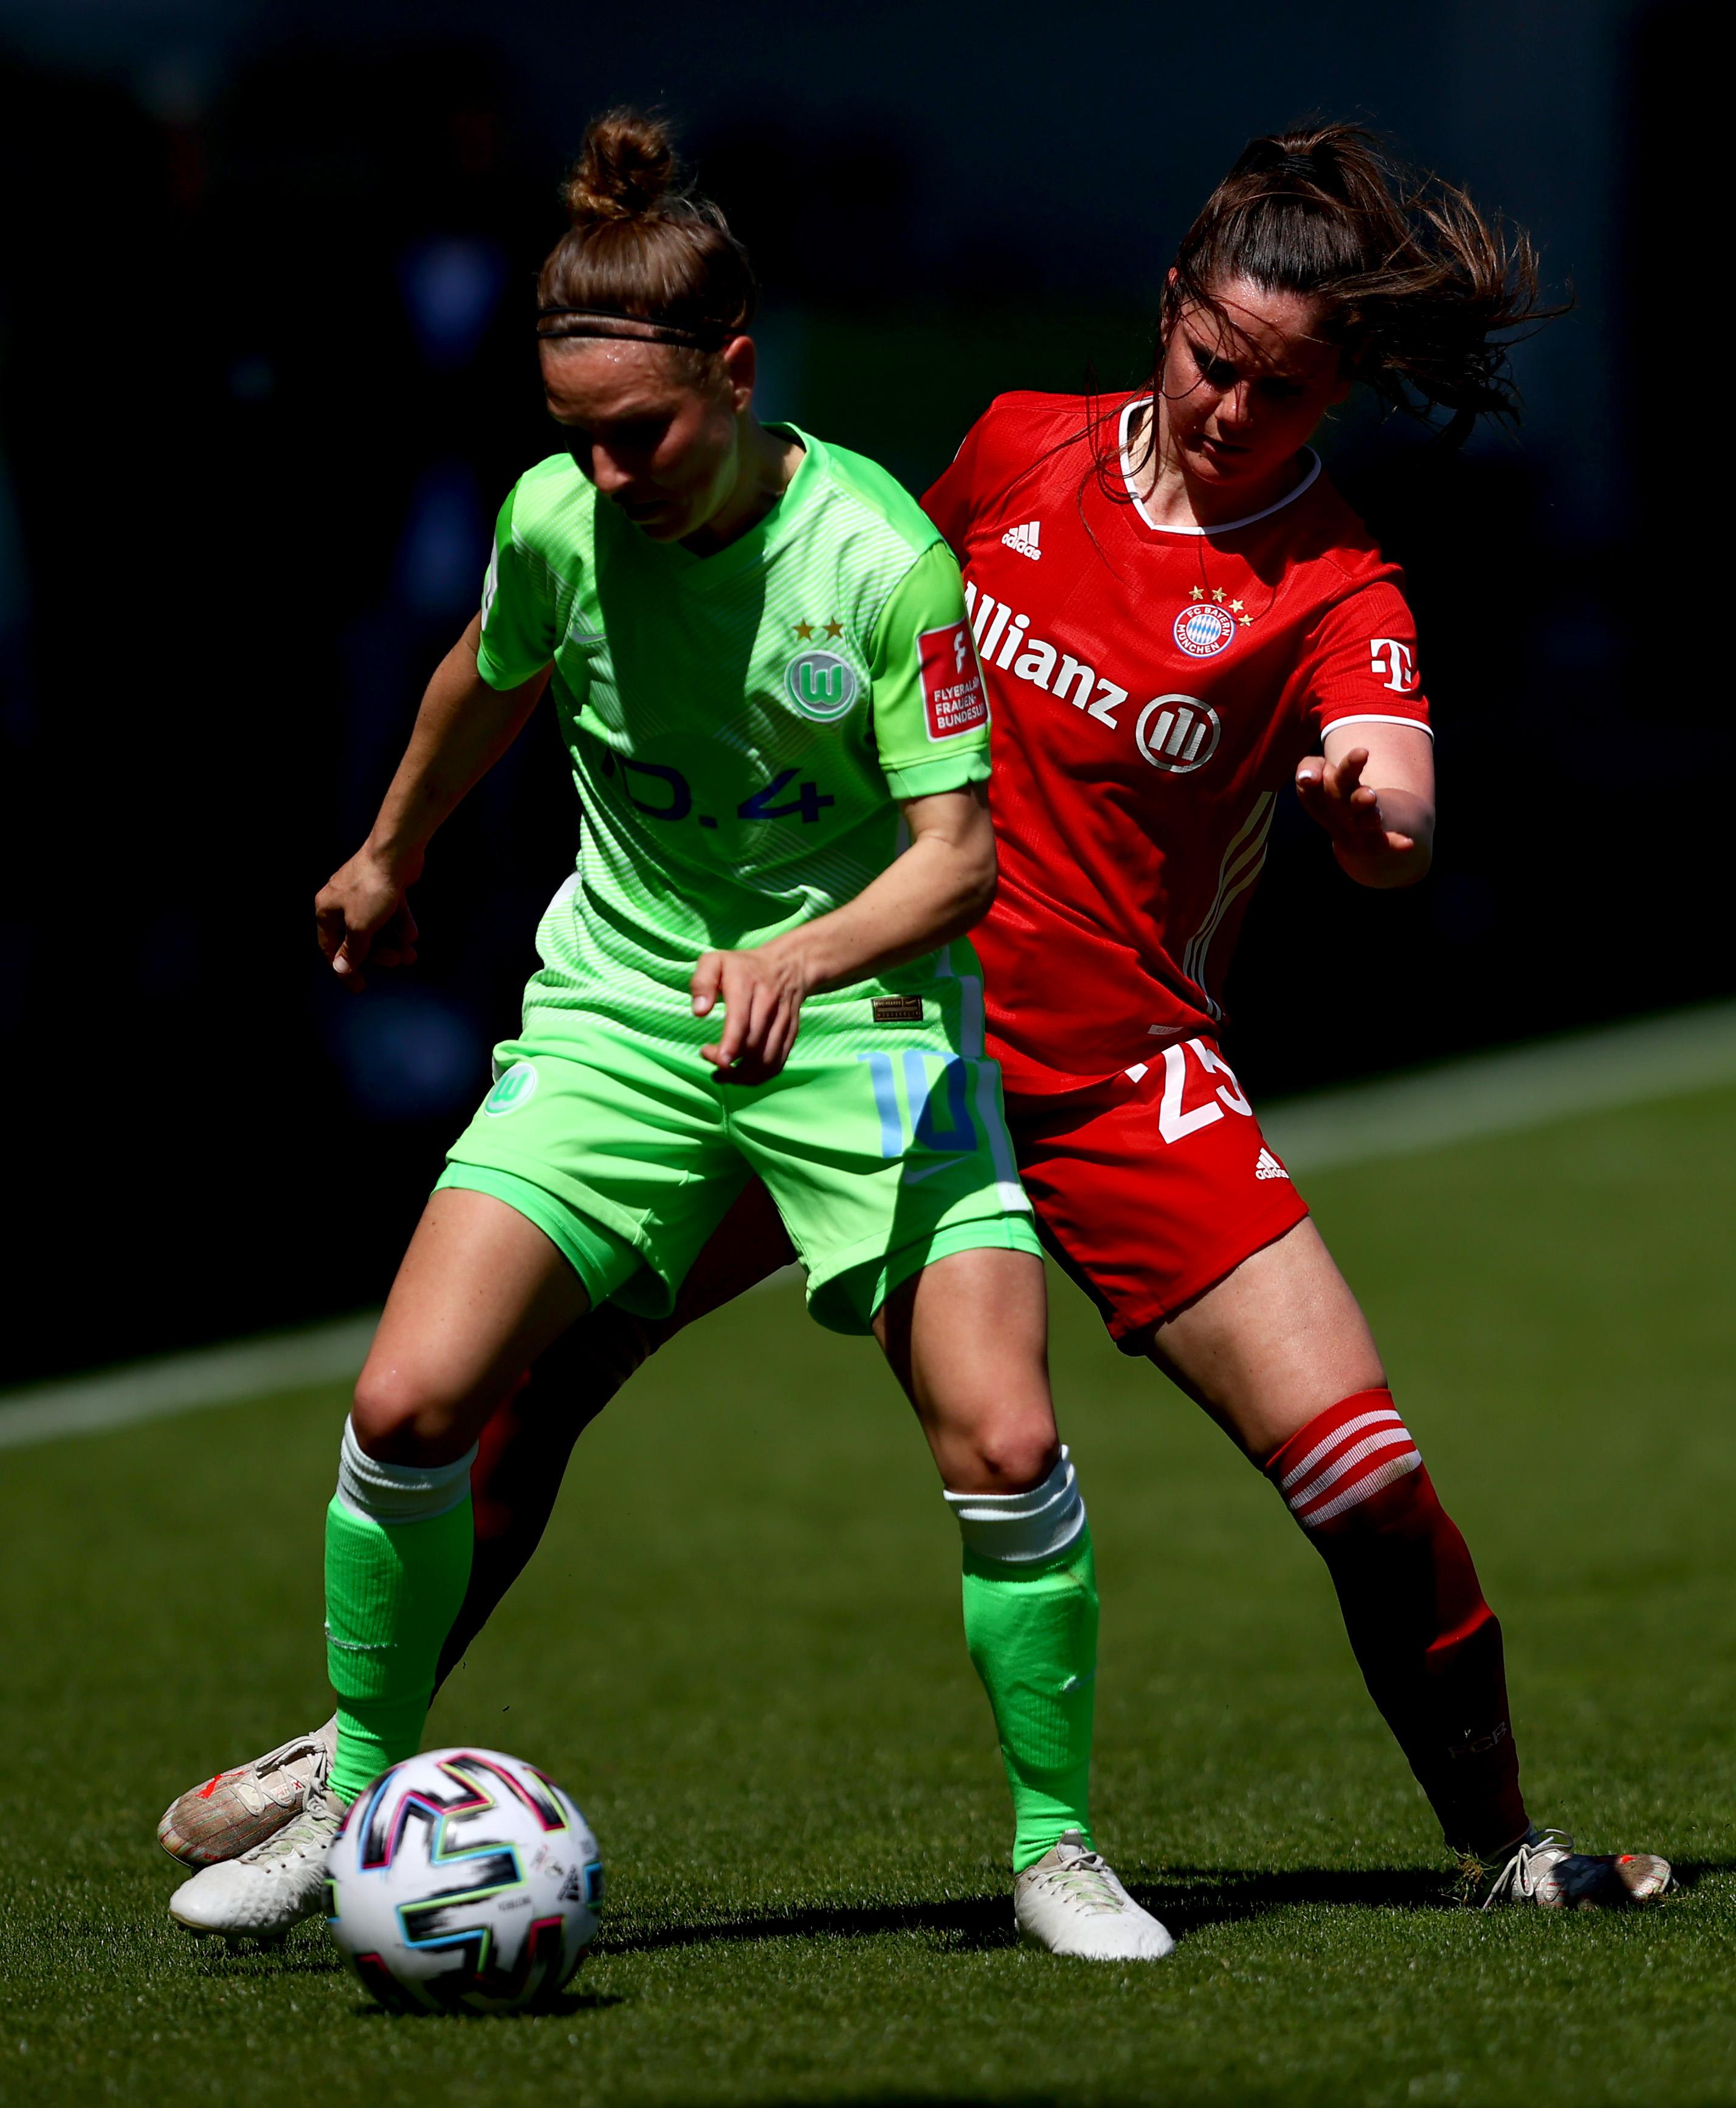 VfL Wolfsburg v FC Bayern München - FLYERALARM Frauen Bundesliga